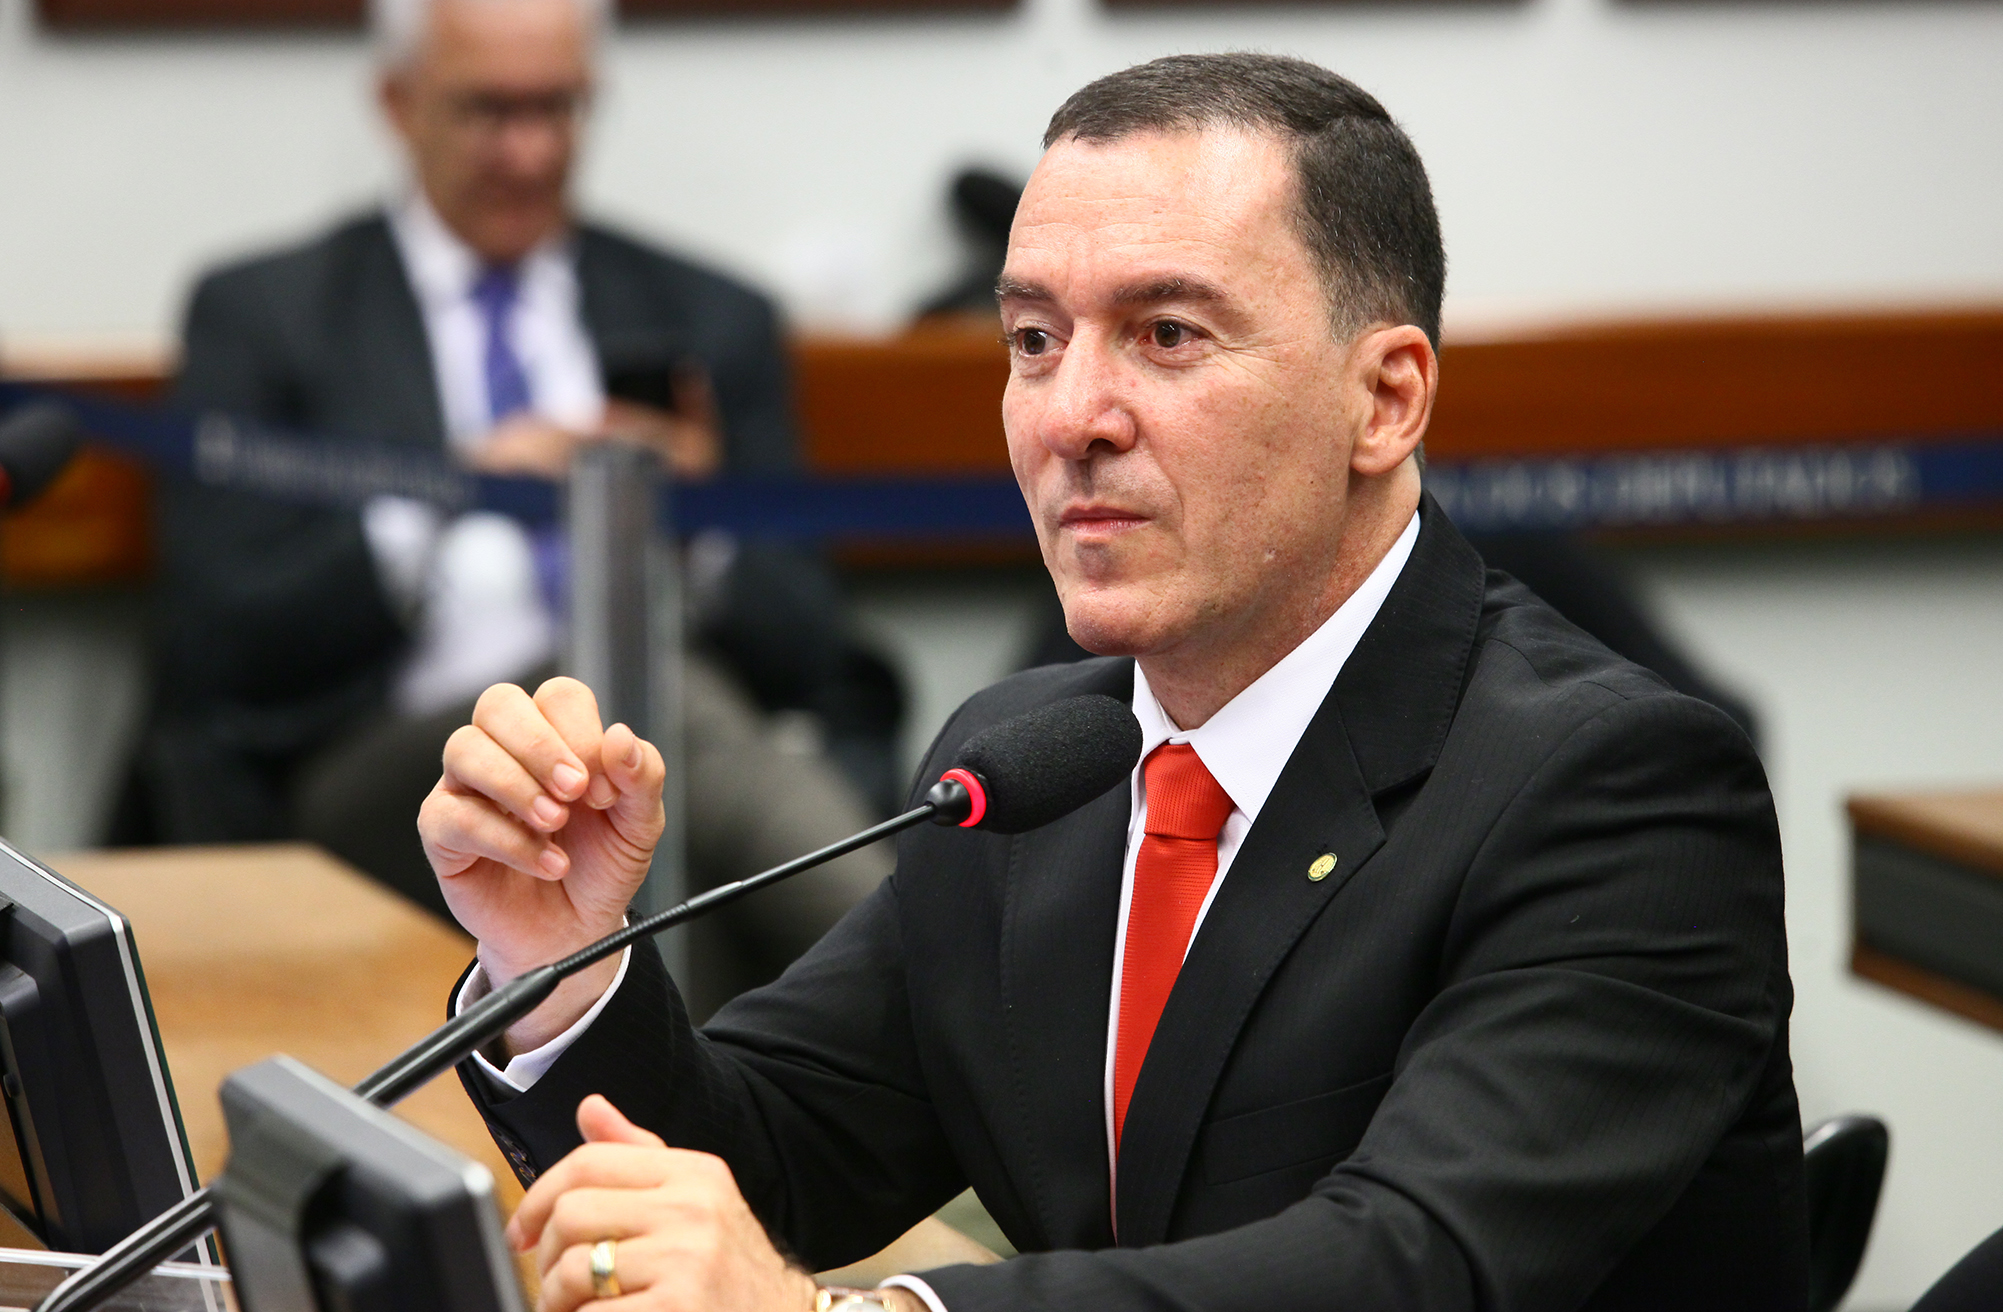 Audiência Pública e Reunião Ordinária. Dep. Vinicius Carvalho (PRB-SP)